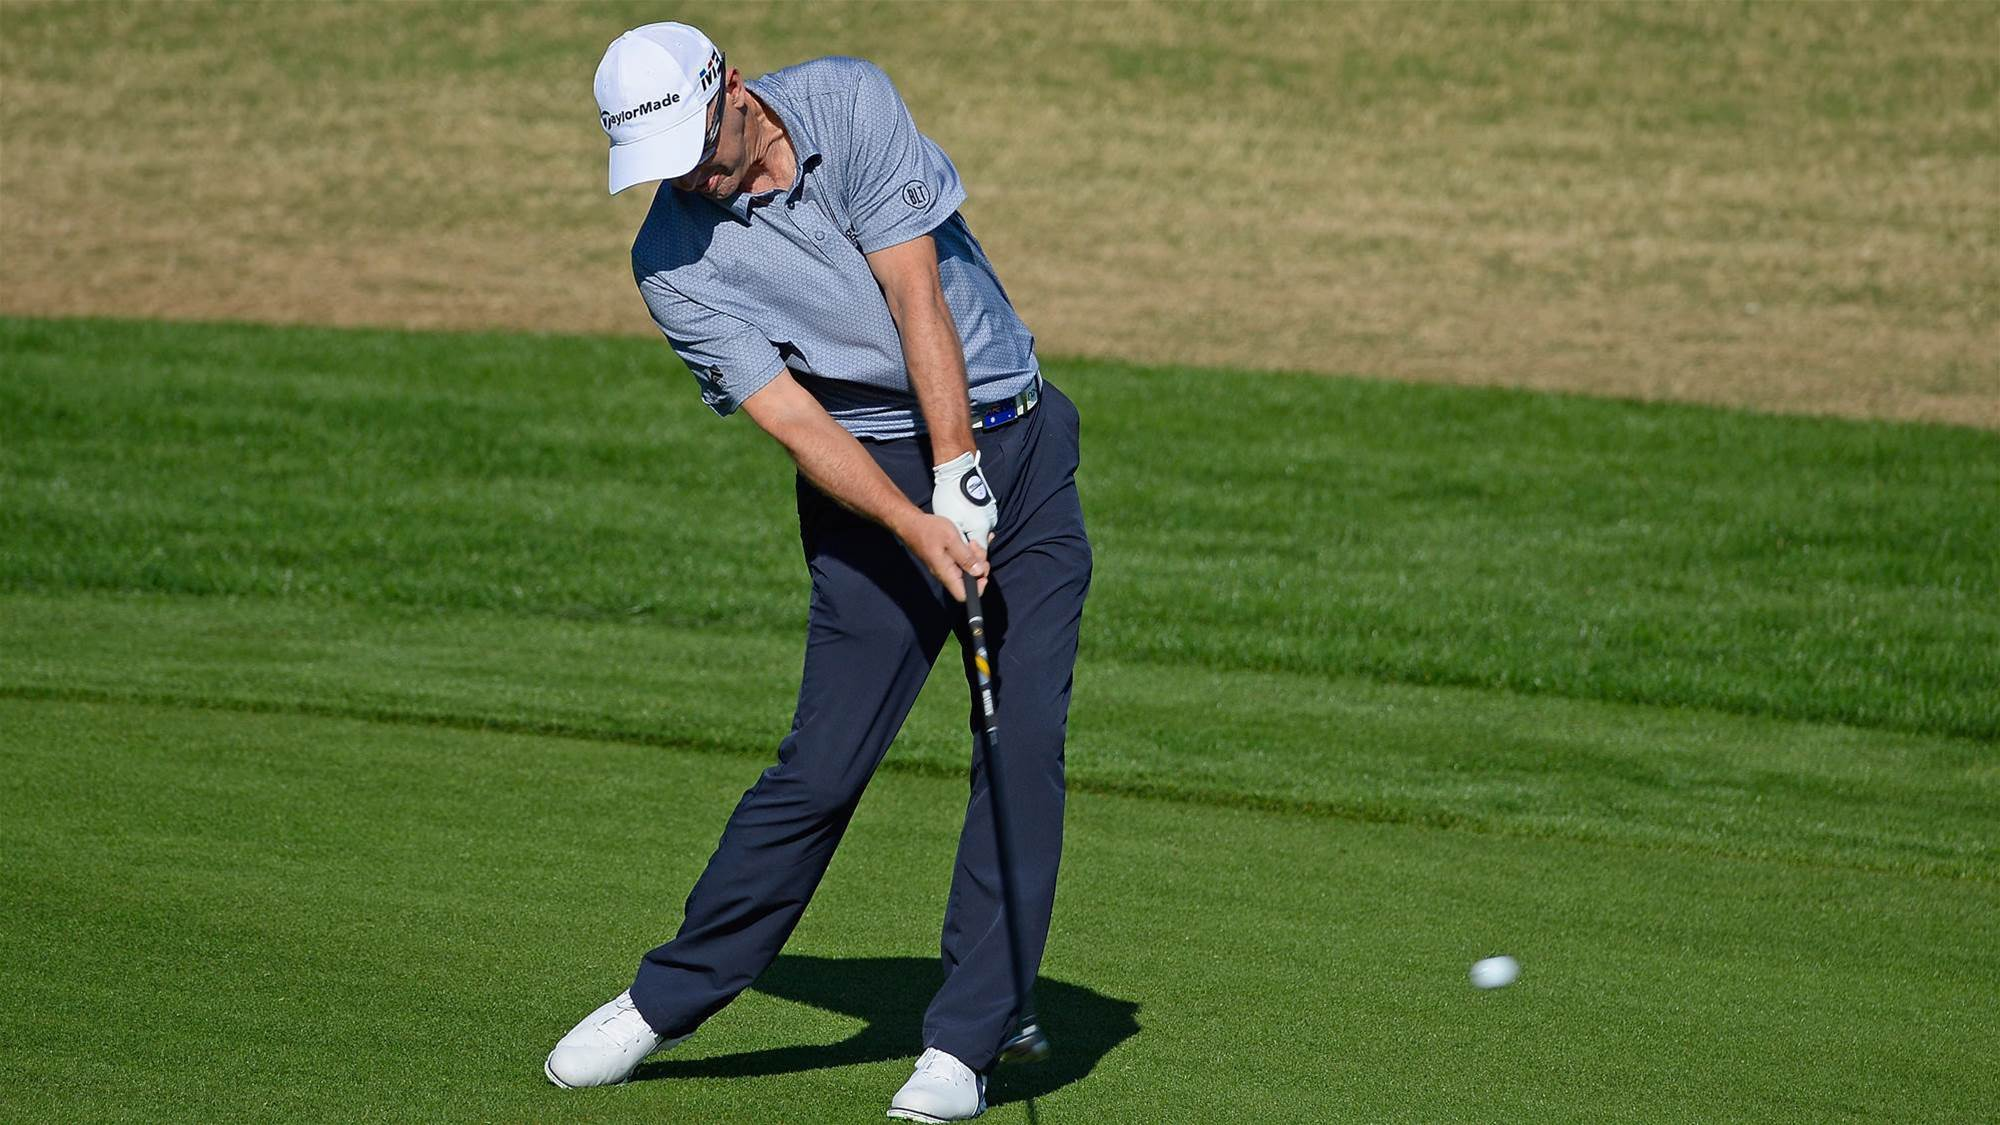 Percy lurks on PGA leaders at Pebble Beach